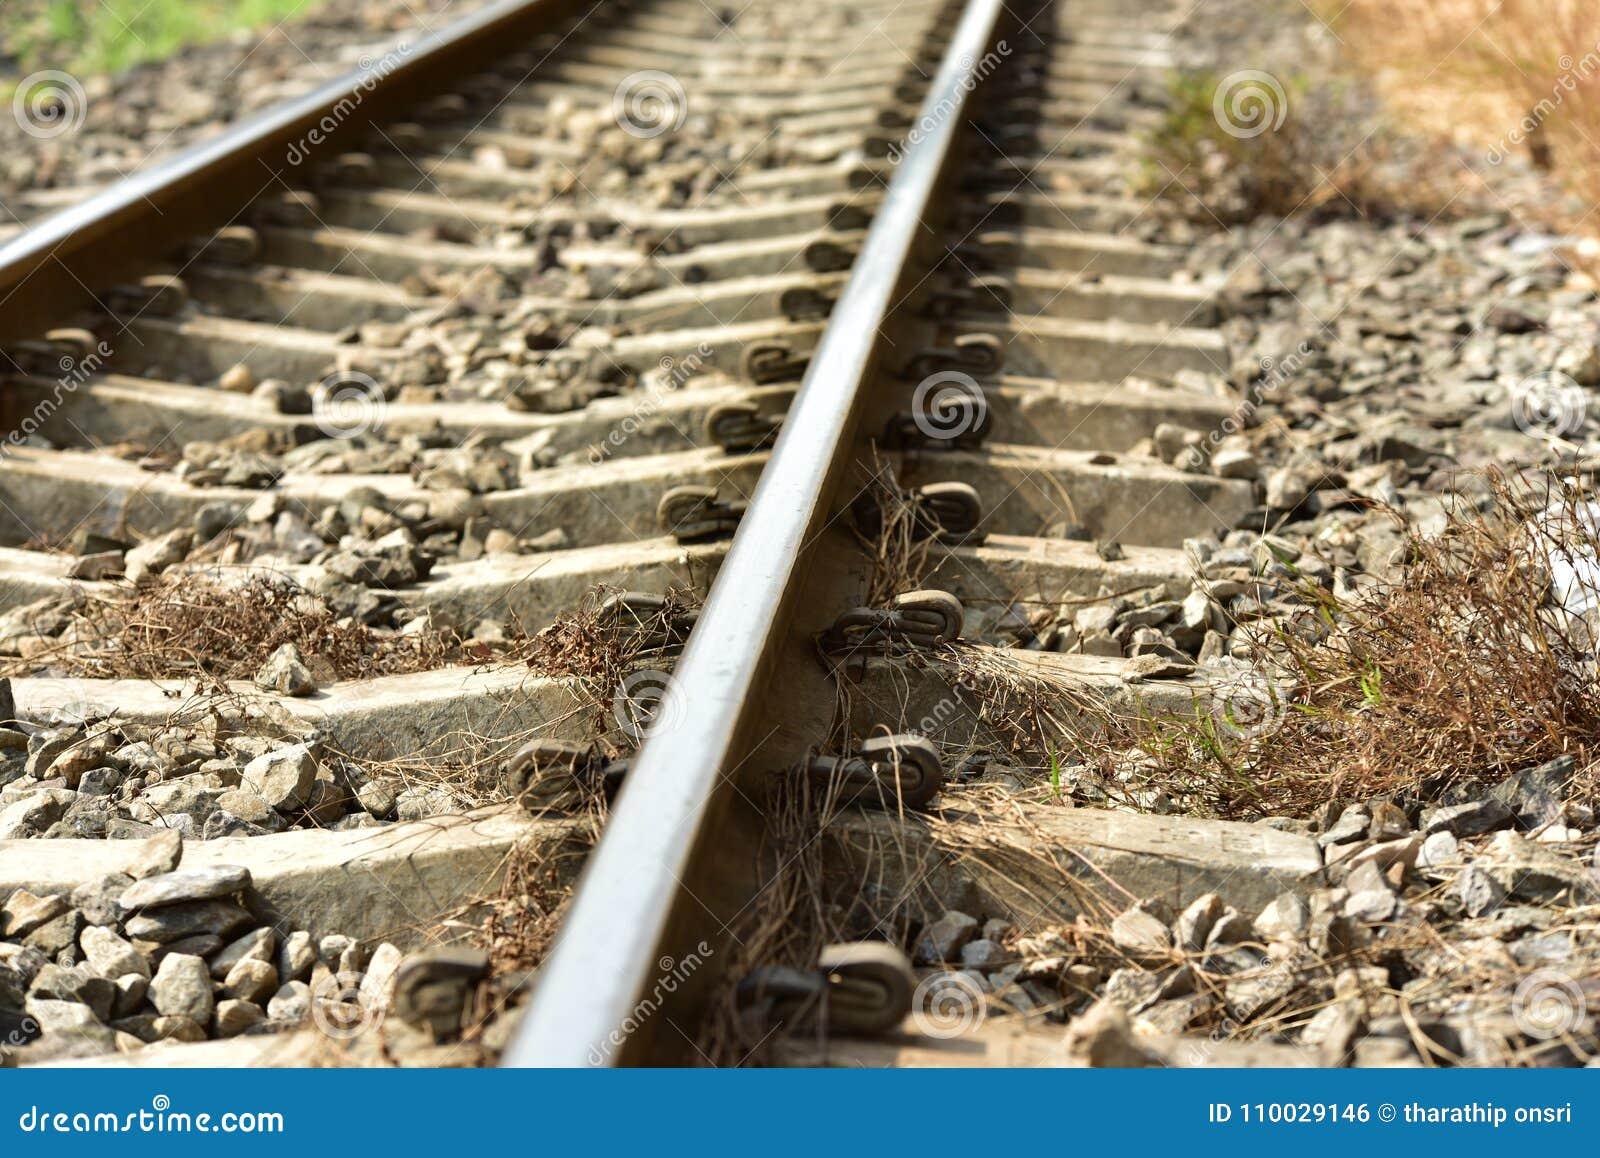 De lengte van het spoorwegspoor